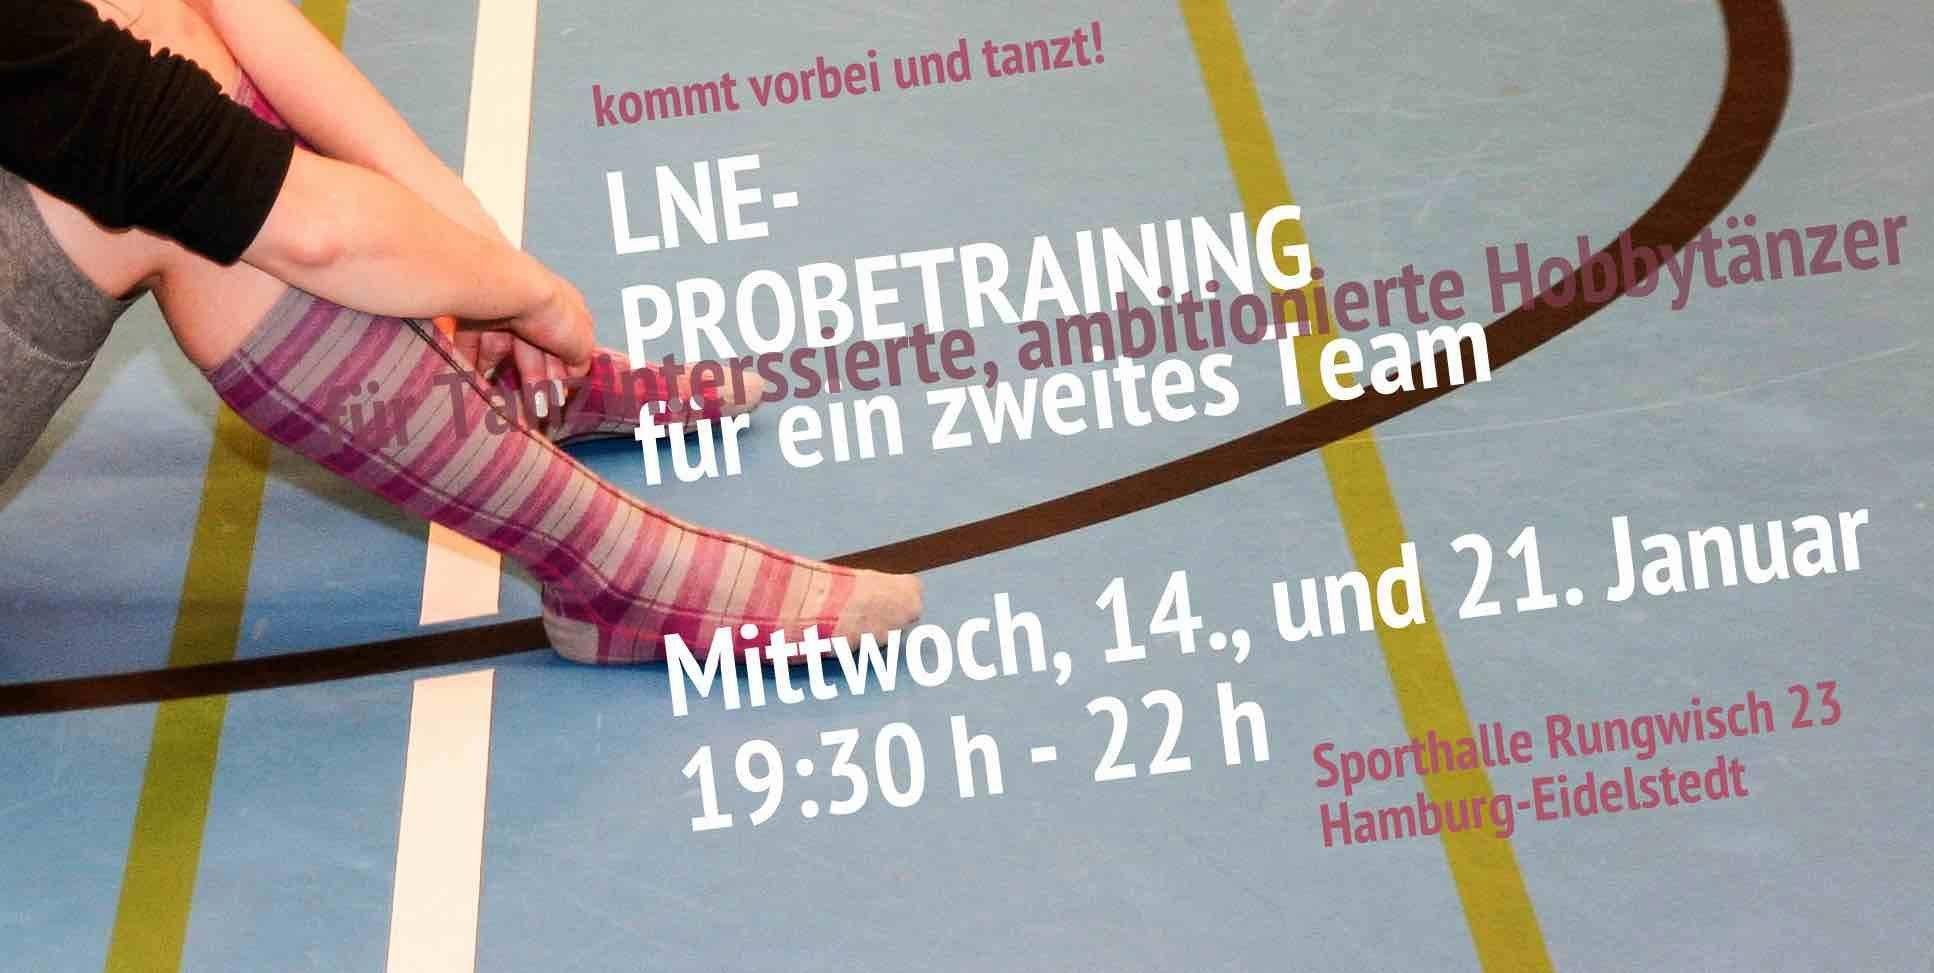 Grafik Probetraining LNE II